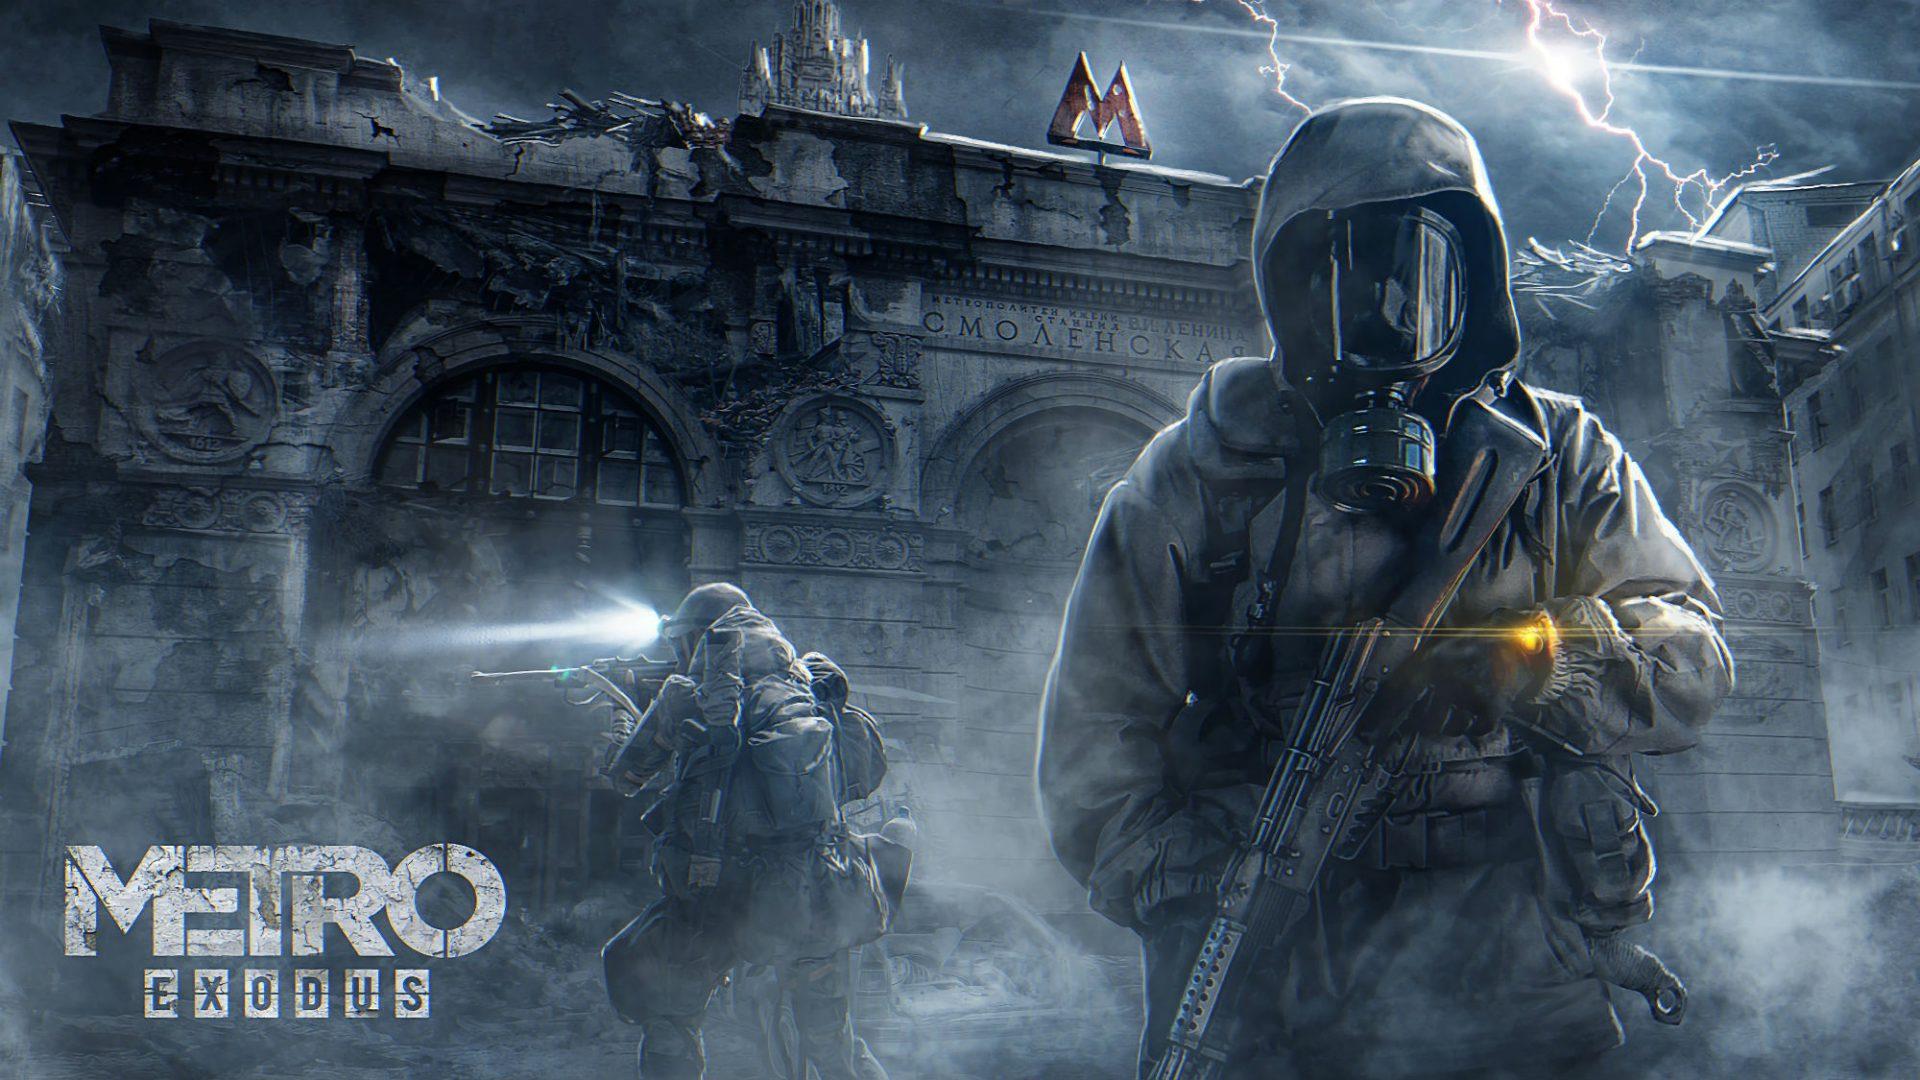 Nuevo Gameplay De Metro Exodus Cargado De Accion Y Mutantes